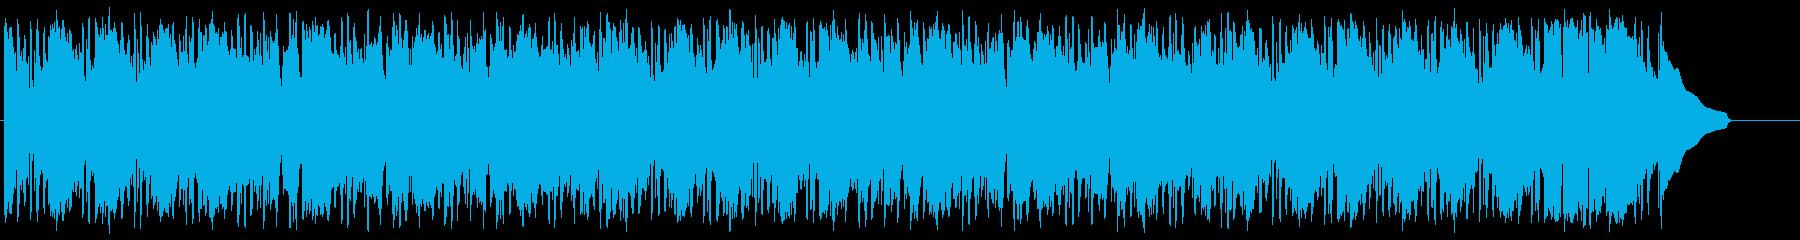 ムードのあるジャズミュージック。の再生済みの波形